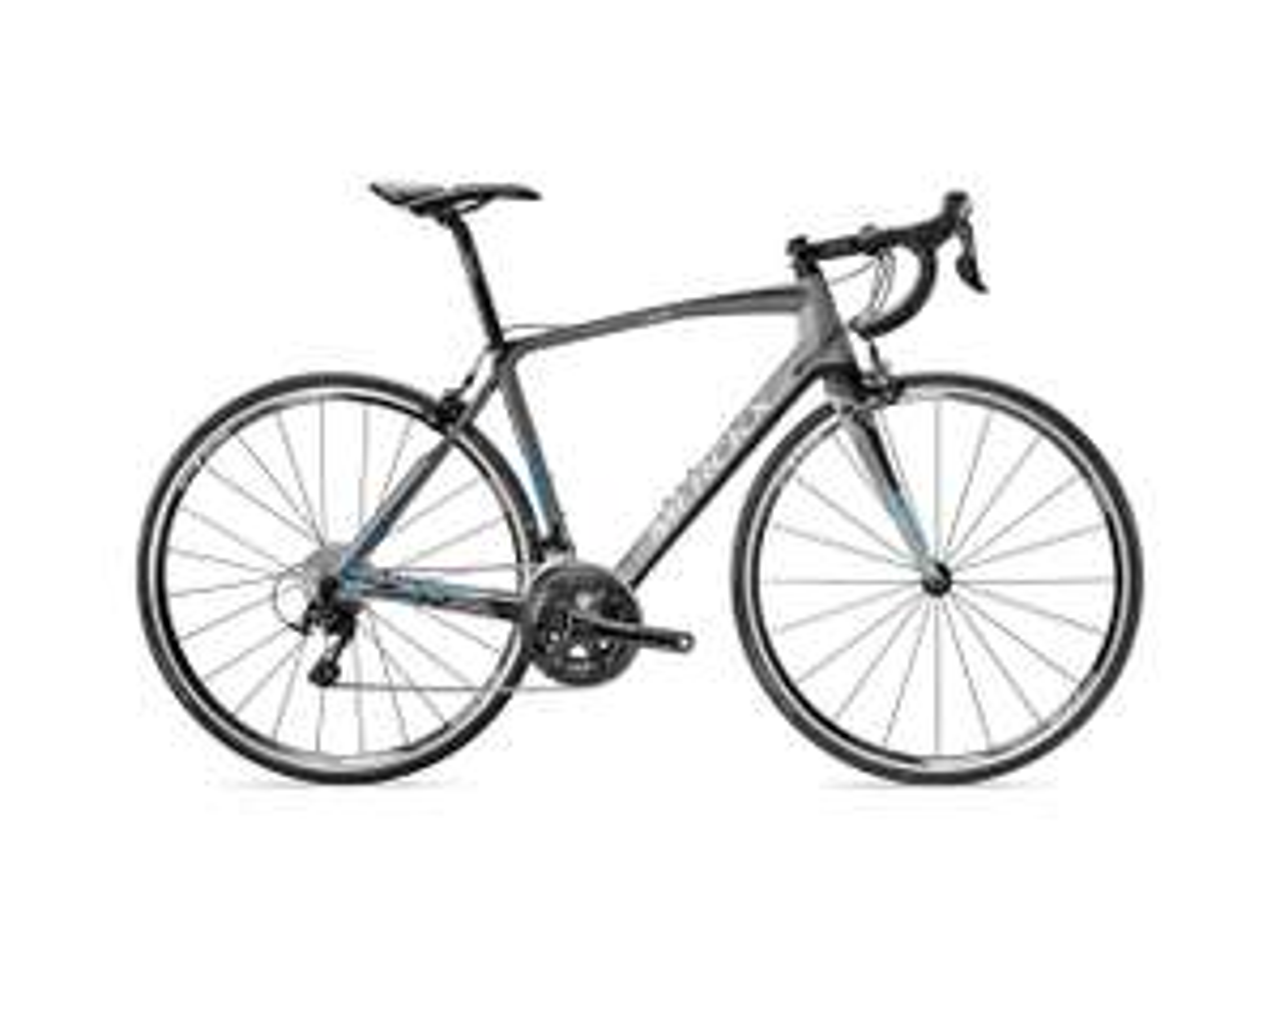 Karbonowy damski rower szosowy |  Eddy Merckx Milano 72 2016